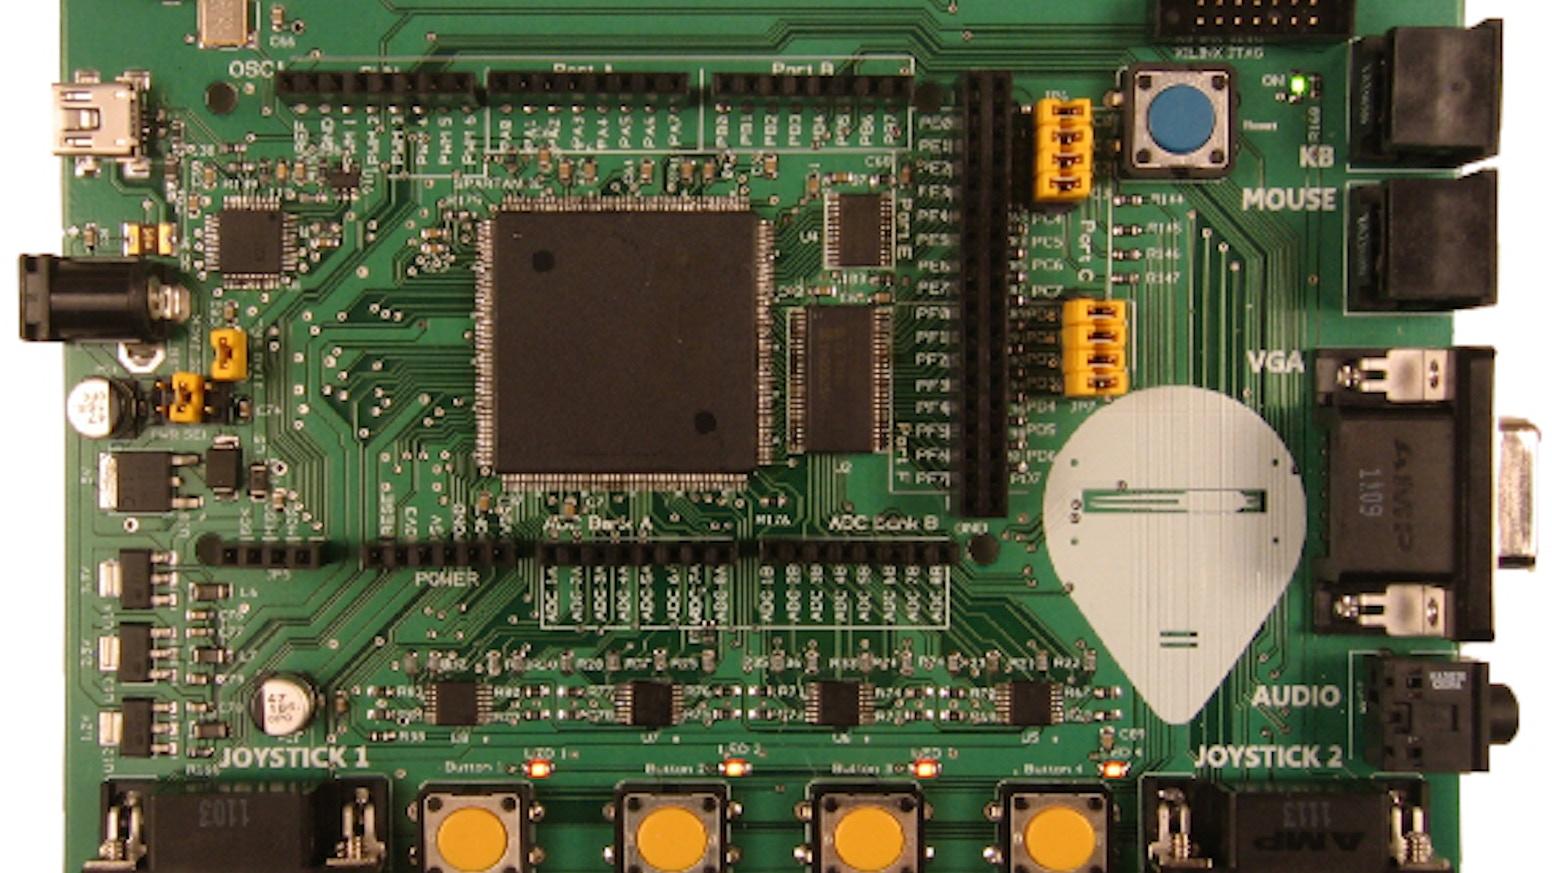 C2fba5eac305503aeeed50b1d1fb191e original.jpg?ixlib=rb 2.0